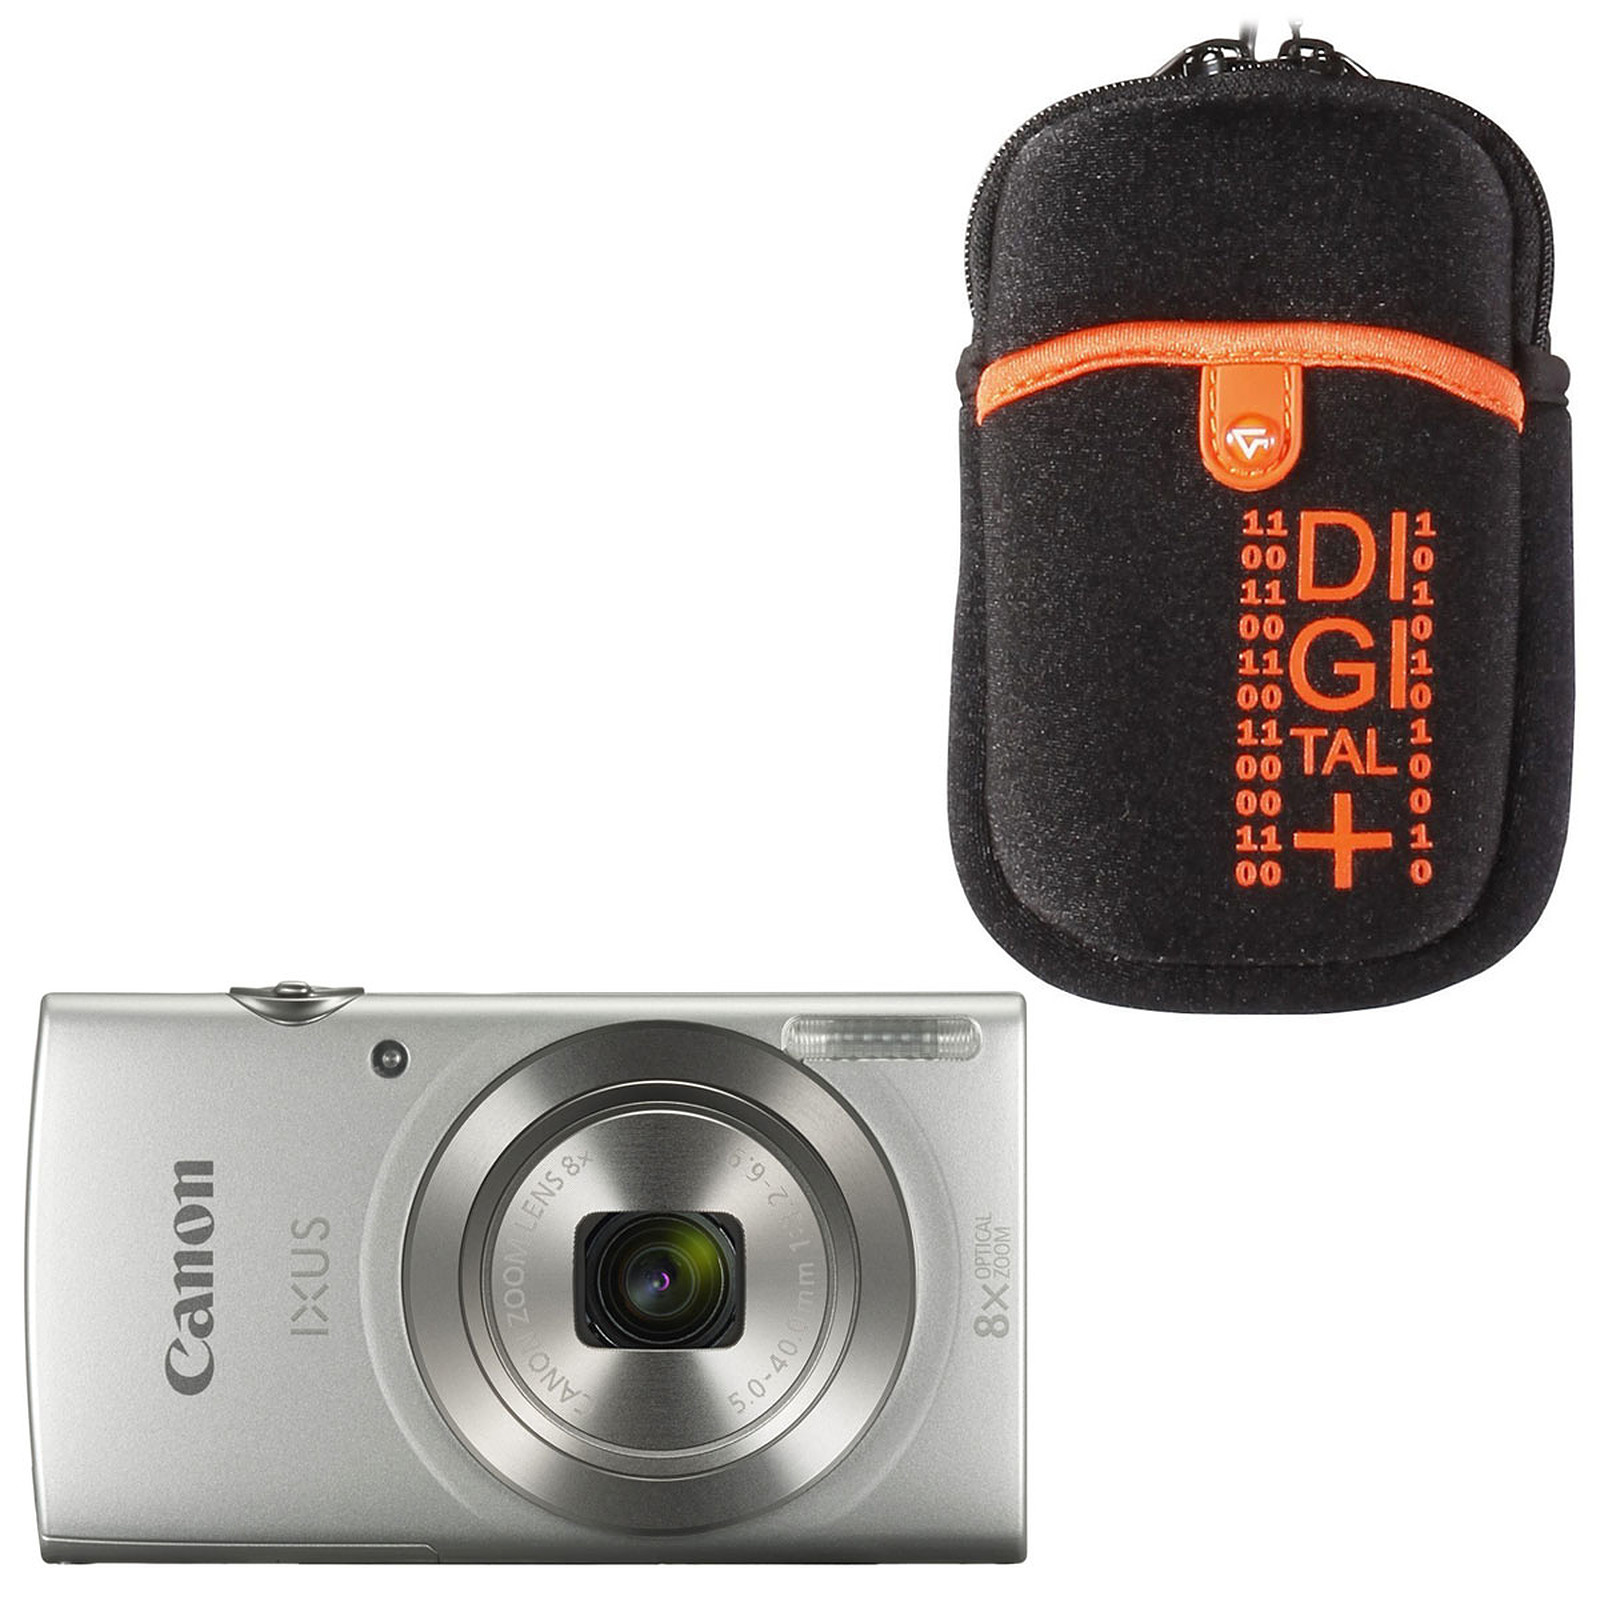 Canon IXUS 185 Argent + Vanguard Beneto 6 Orange